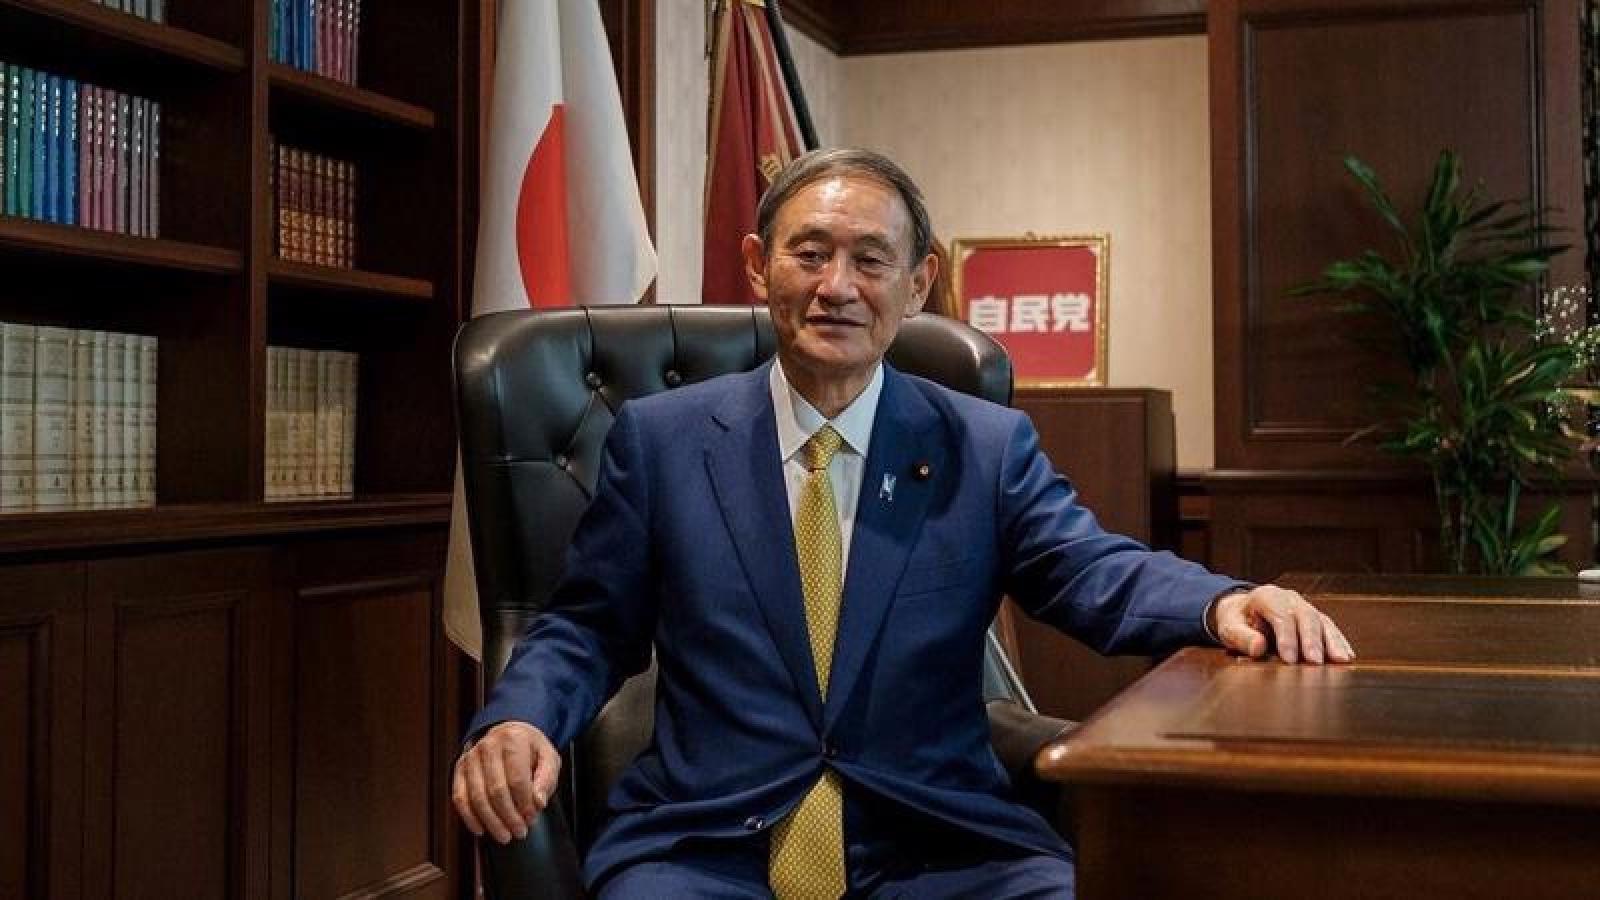 Dư luận về việc ông Suga Yoshihide không chạy đua chức thủ tướng nhiệm kỳ tới